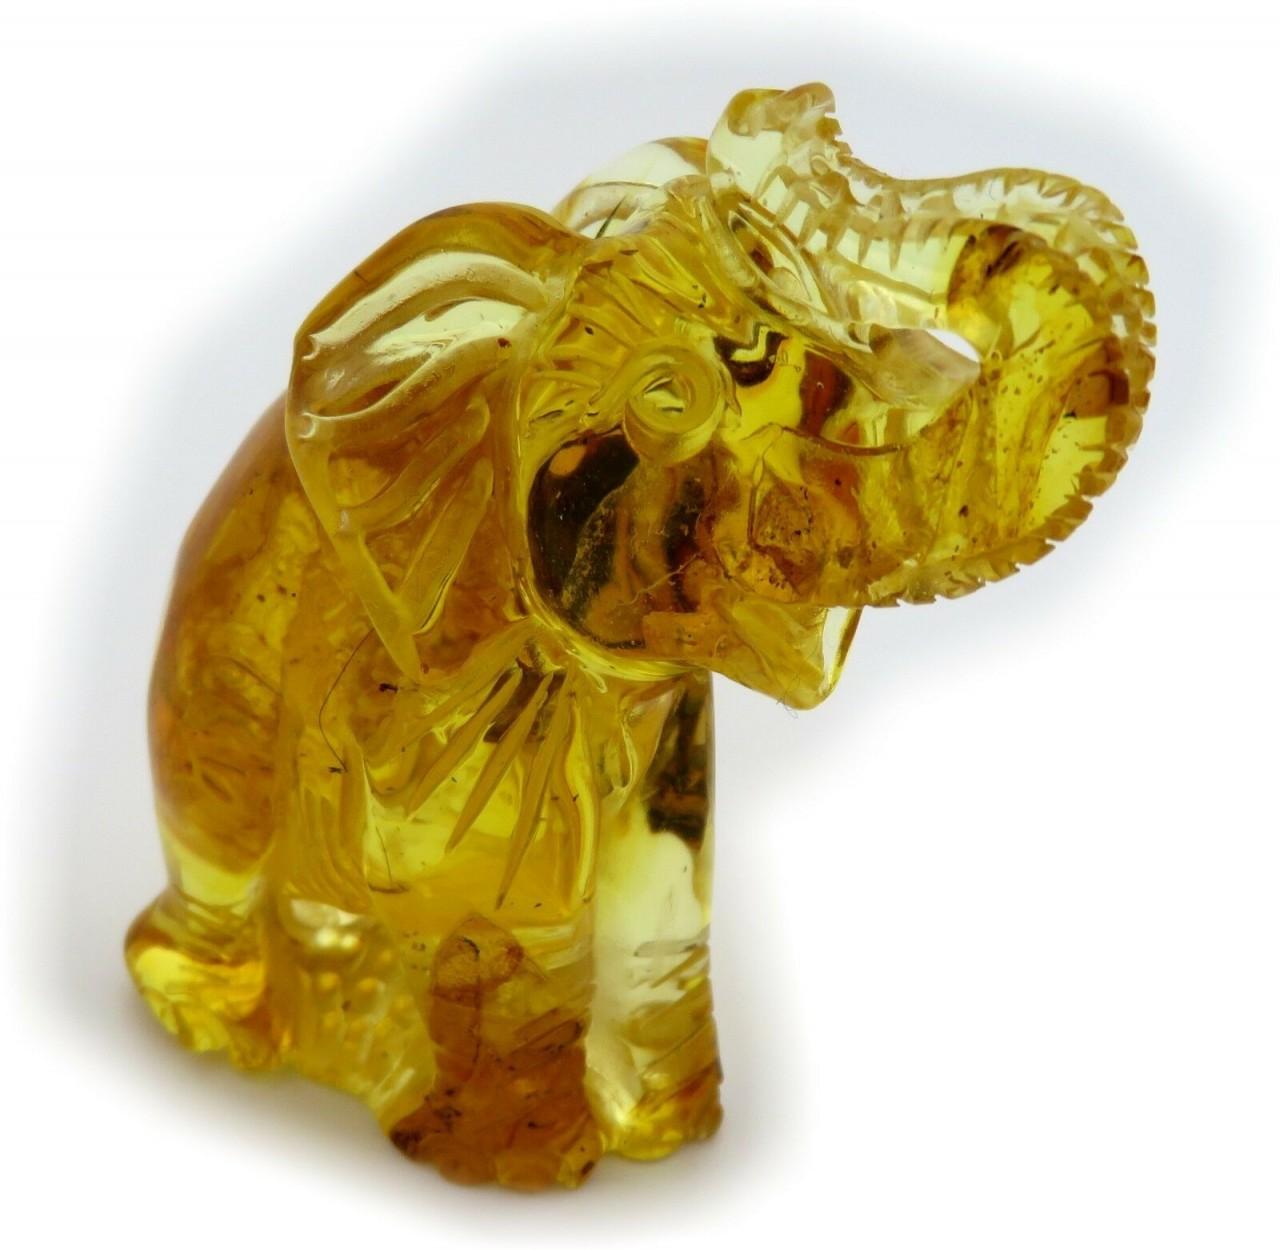 Figur Elefant echter Bernstein aus der Ostsee geschnitz Handarbeit Neu Qualität